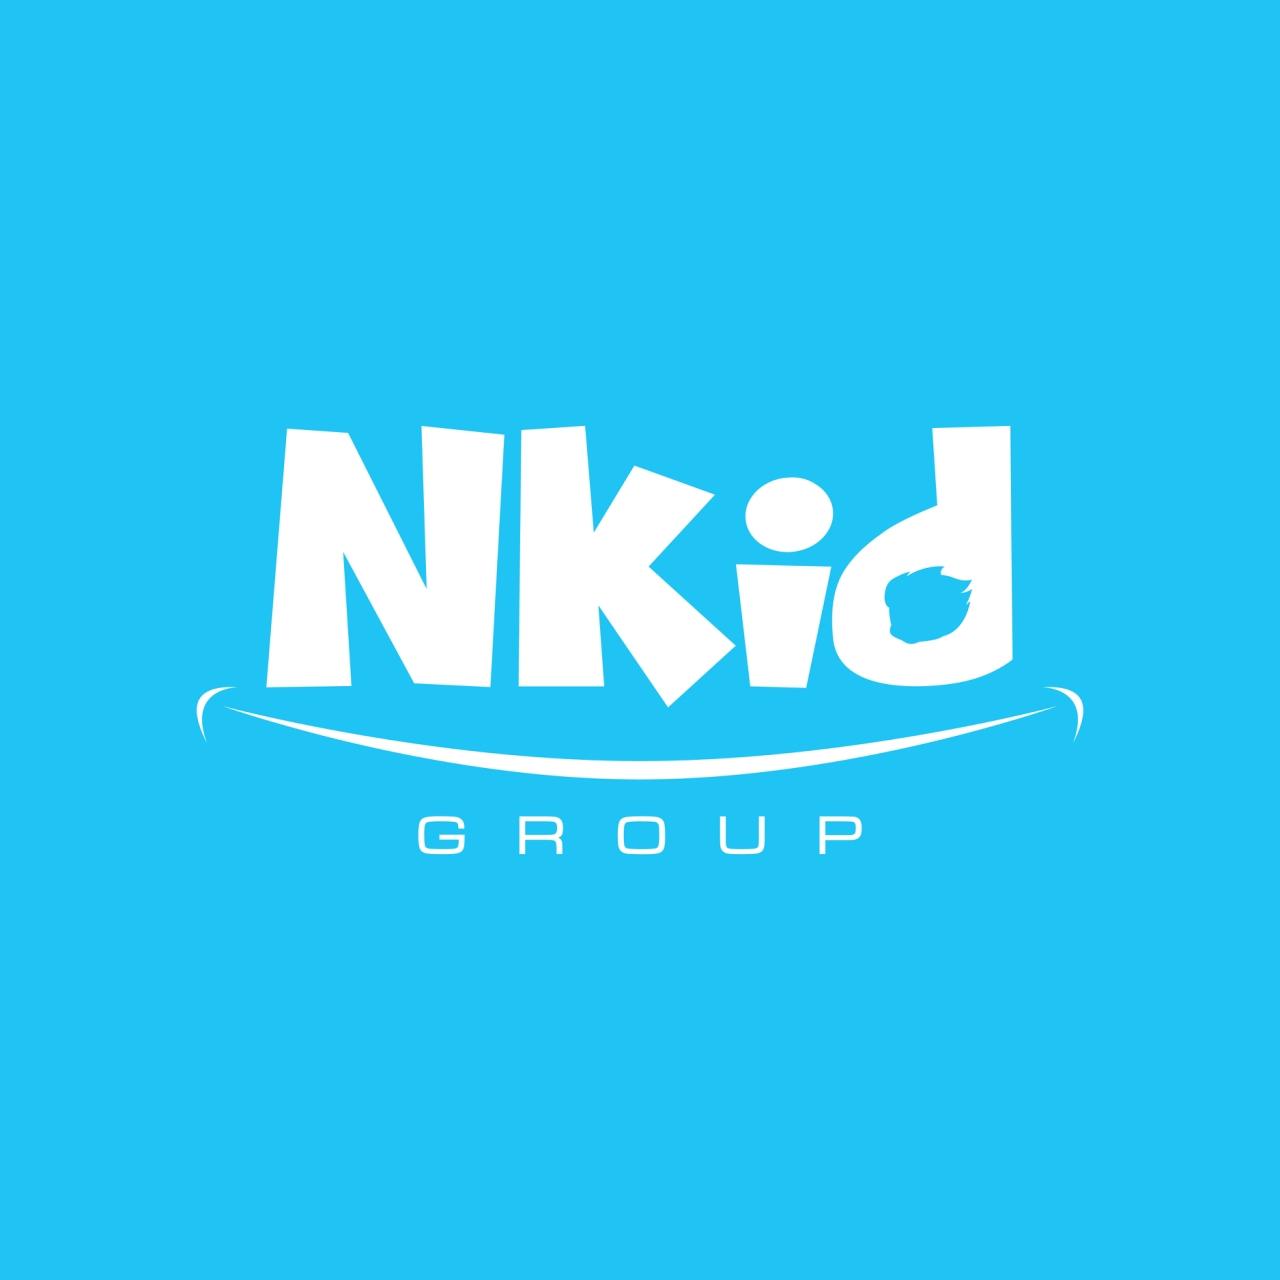 N KID Group